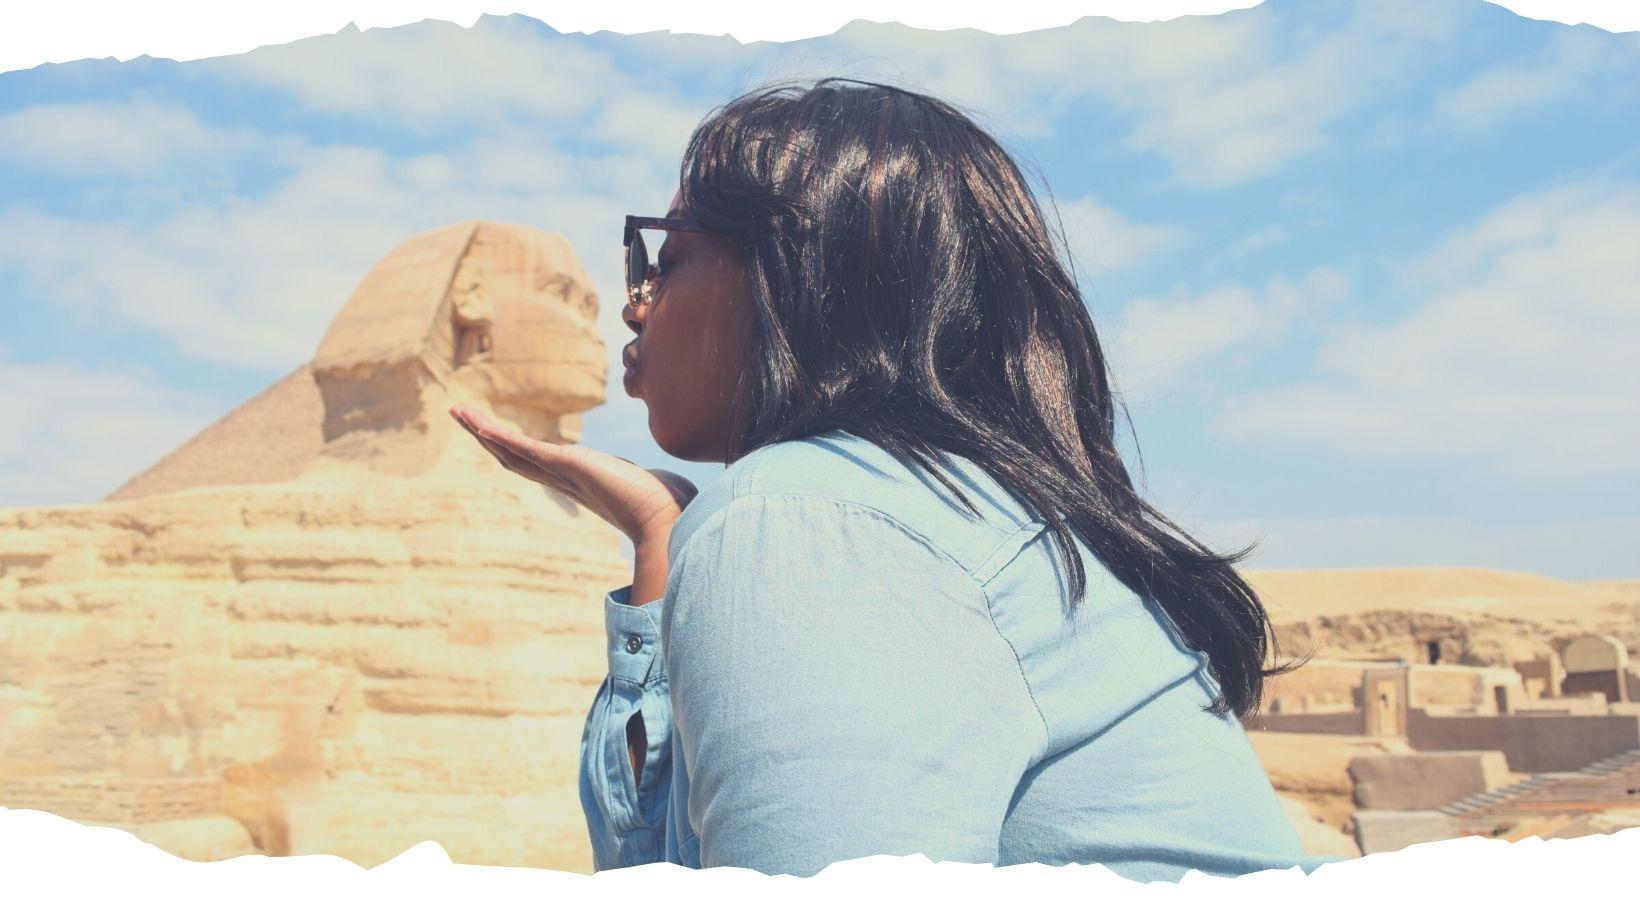 FrontPage ThruHerLenz Black Travel blogger kissing Egyptian Sphinx